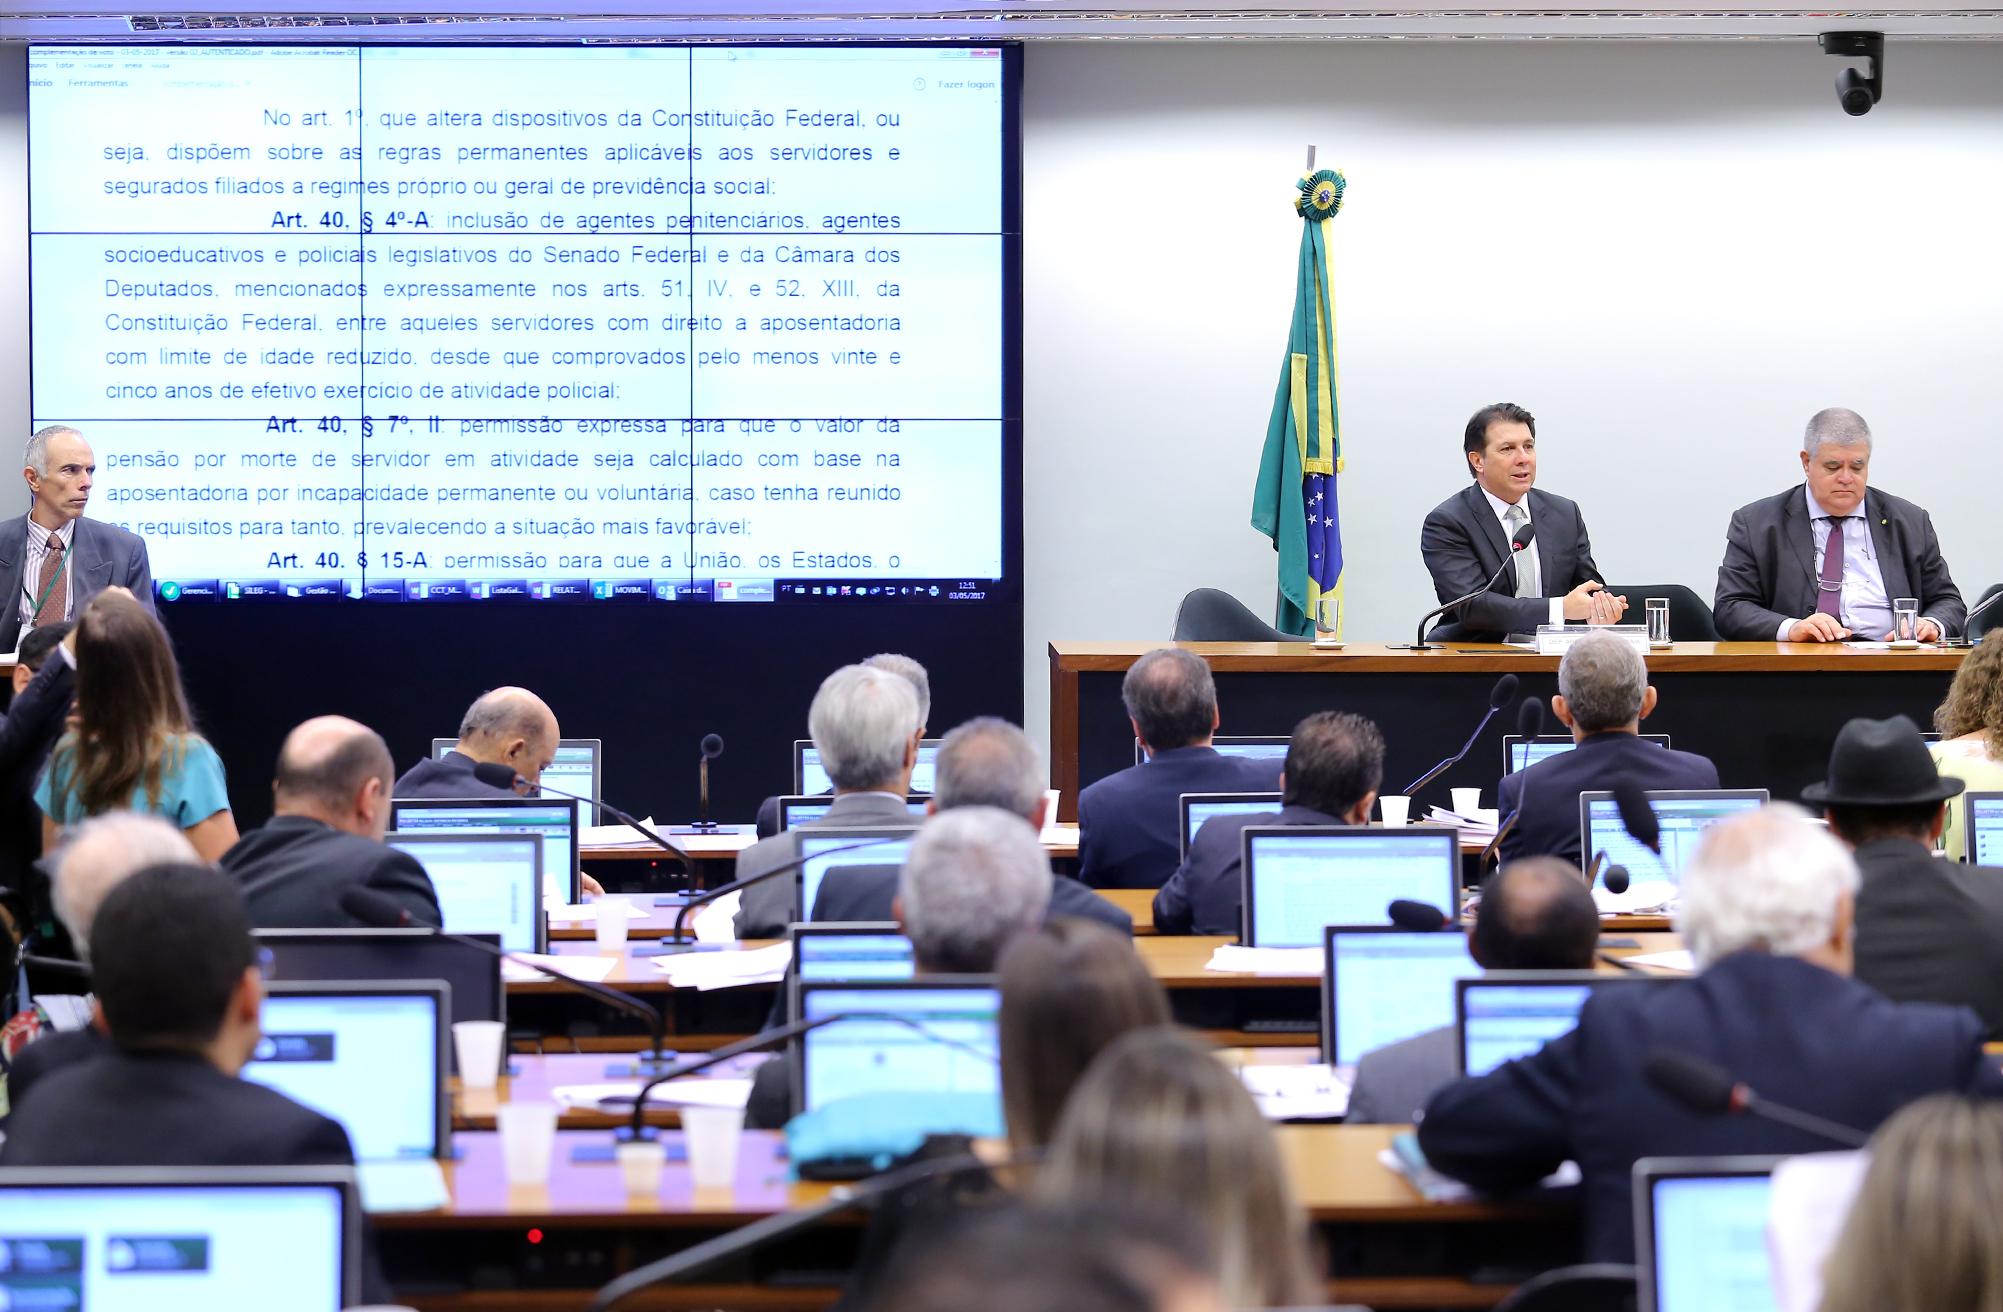 Reunião ordinária para votação do parecer do relator, dep. Arthur Oliveira Maia (PPS-BA)